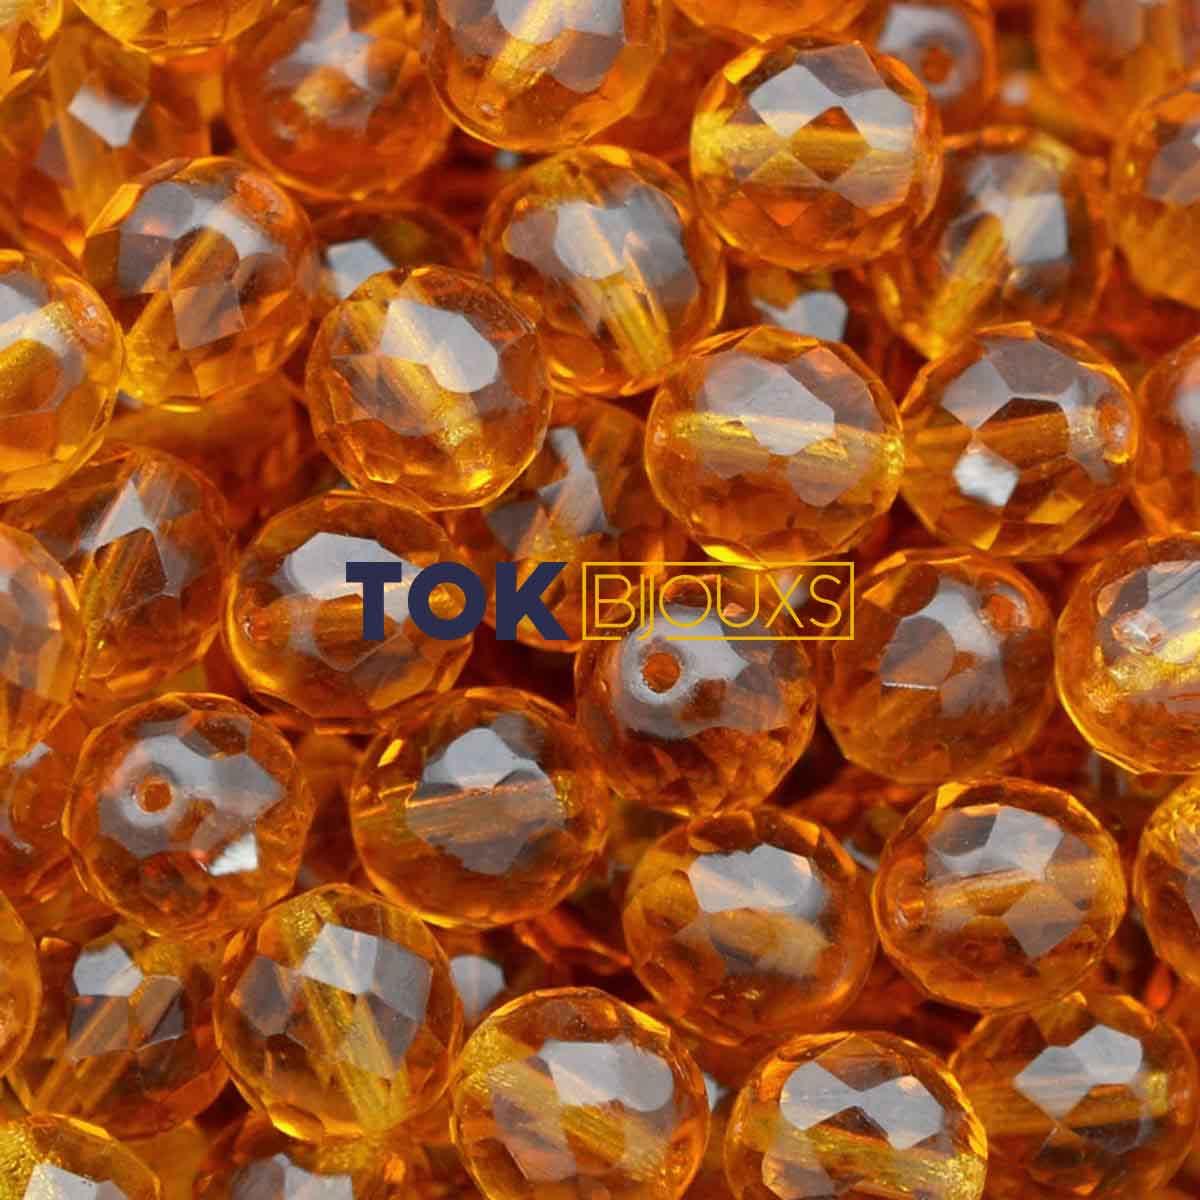 Cristal Jablonex / Preciosa ® 8mm - Amarelo Ouro Transparente - Unidade